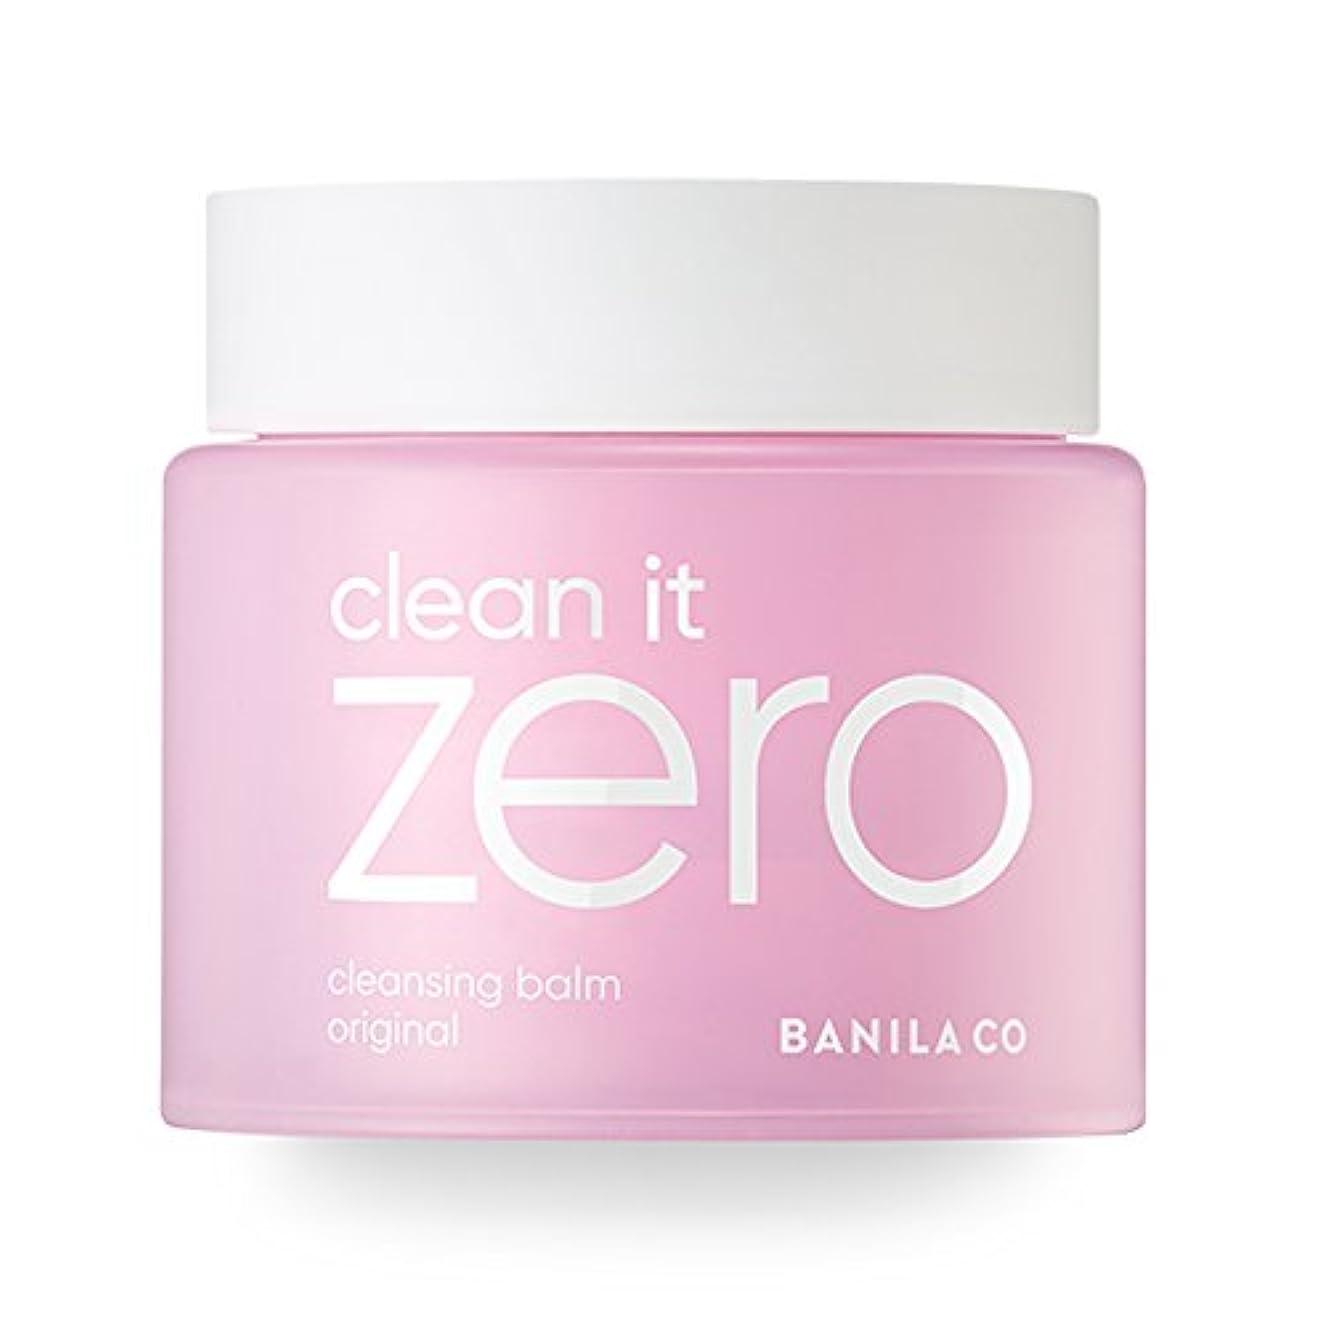 なぜなら後退する色合いBANILA CO(バニラコ)公式ストア  バニラコ クリーン イット ゼロ クレンジング バーム オリジナル / Clean It Zero Cleansing Balm Original 180ml